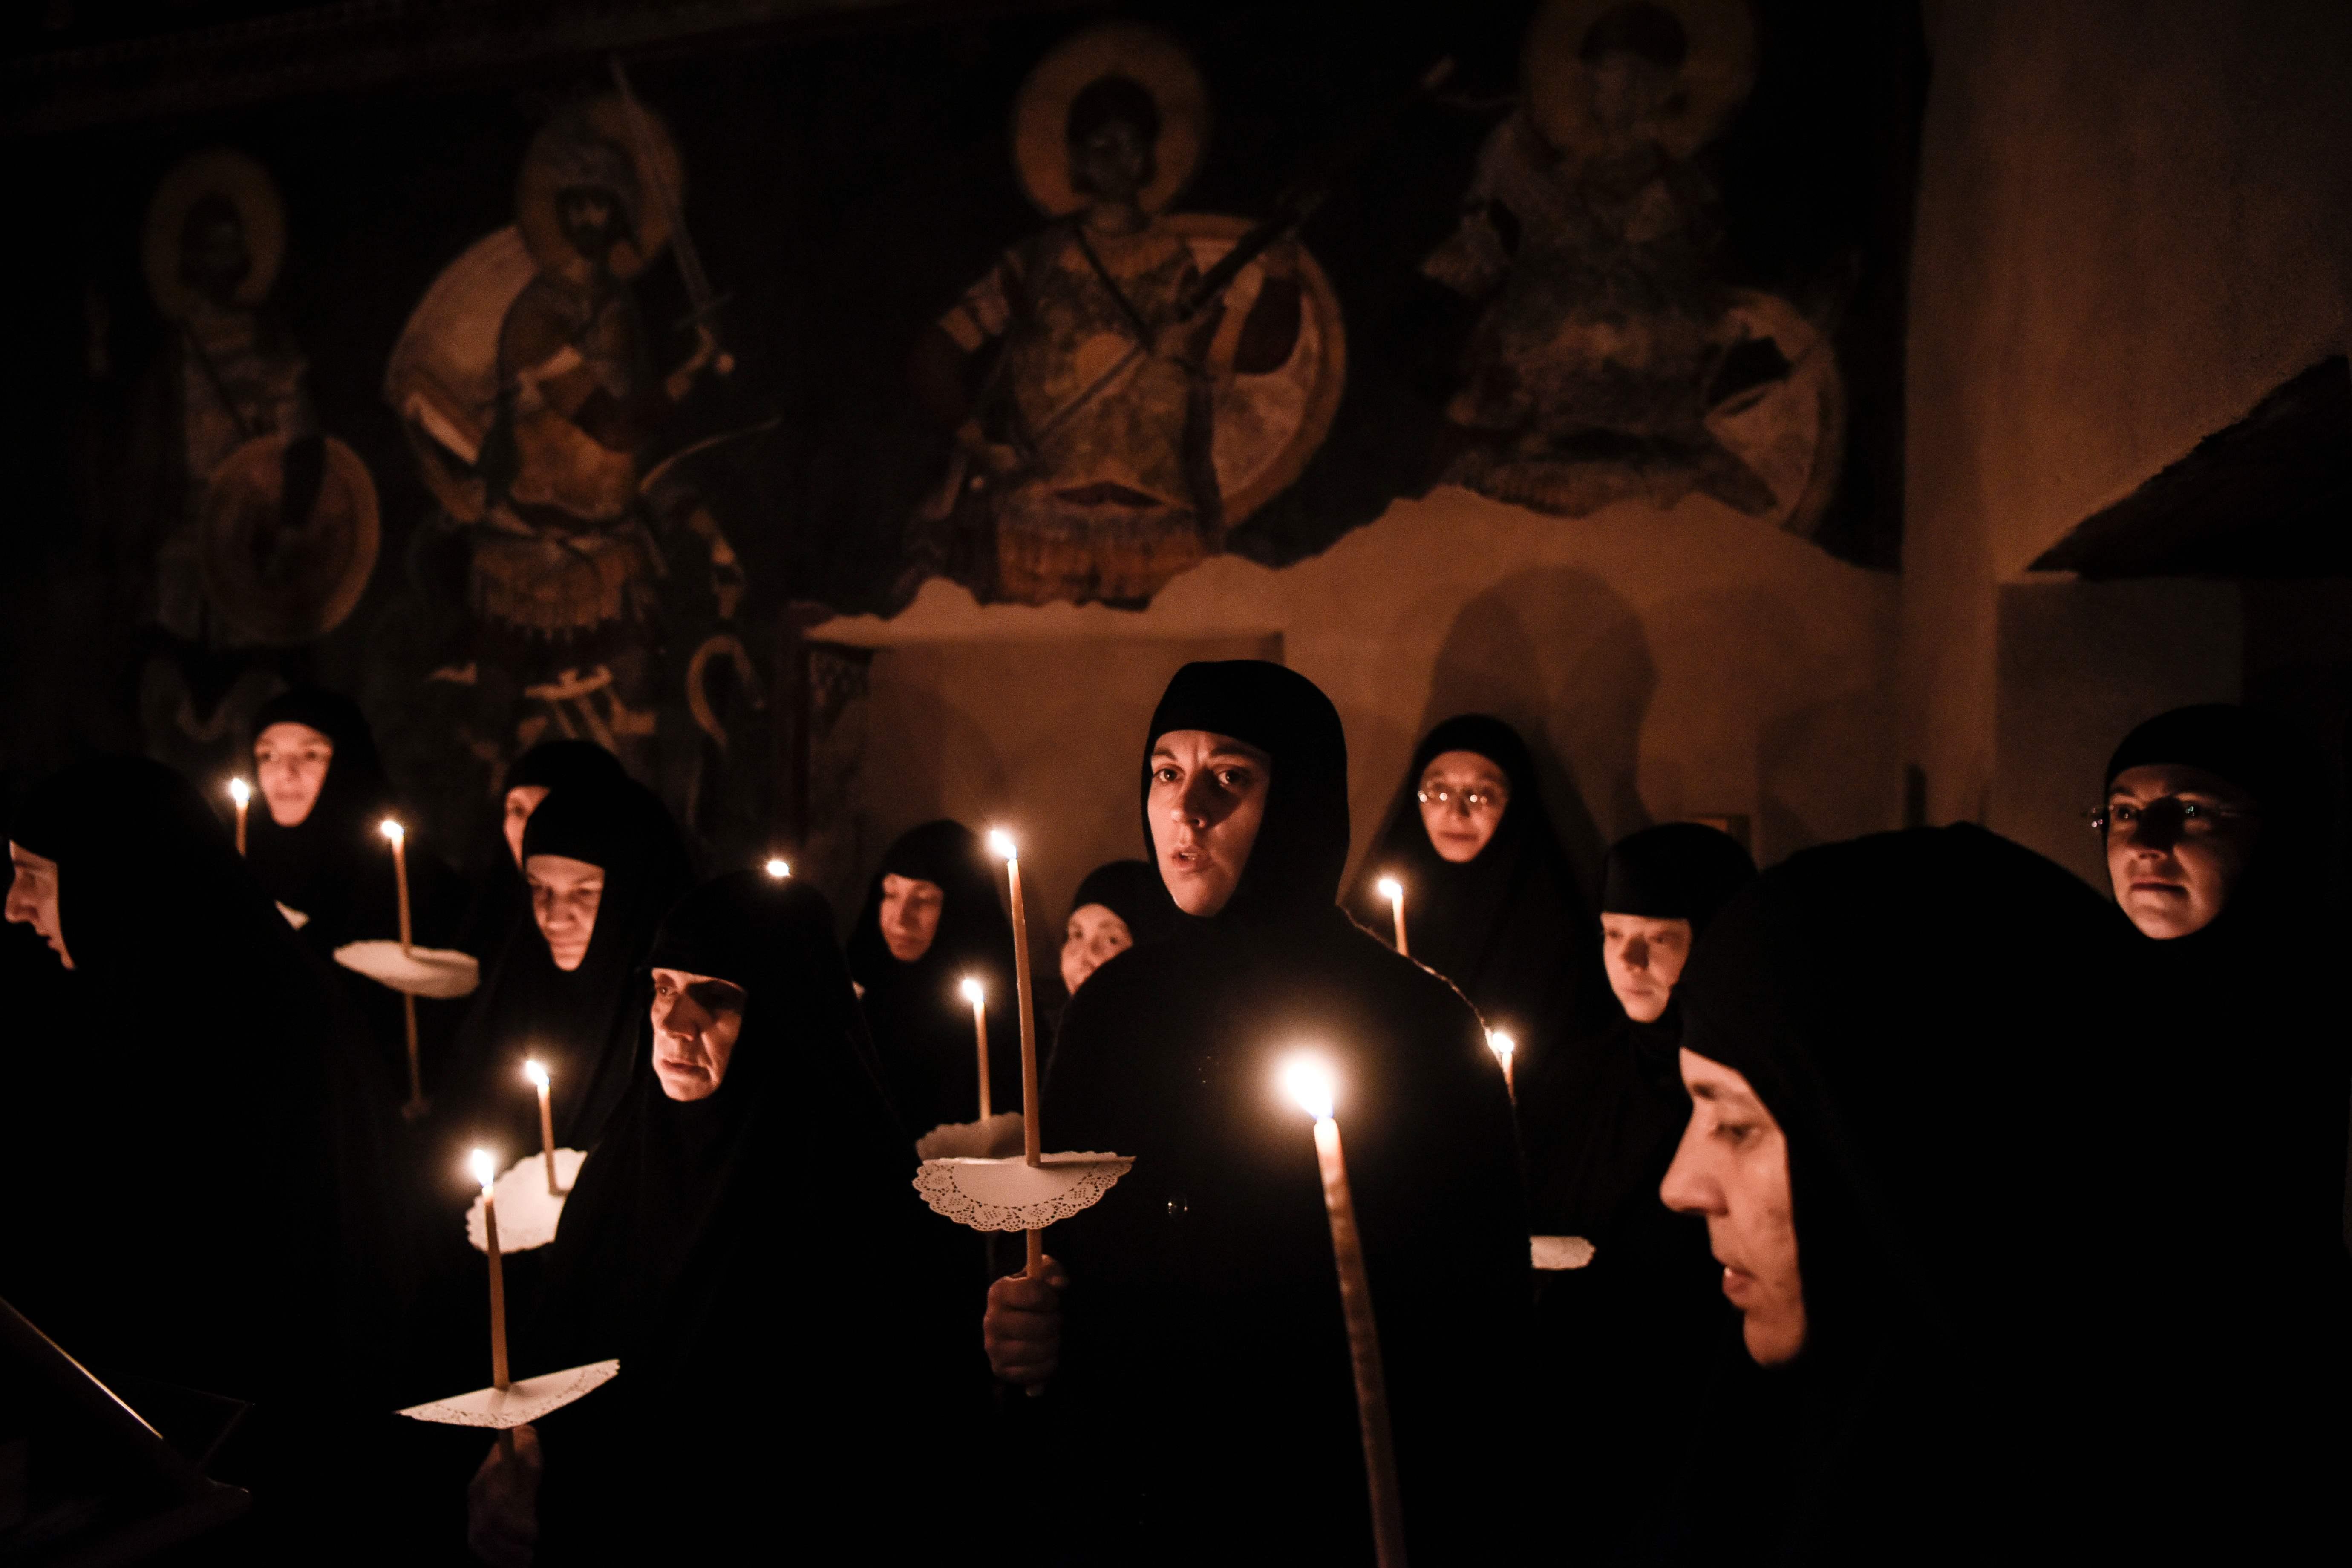 اشعال الشموع فى كوسوفو